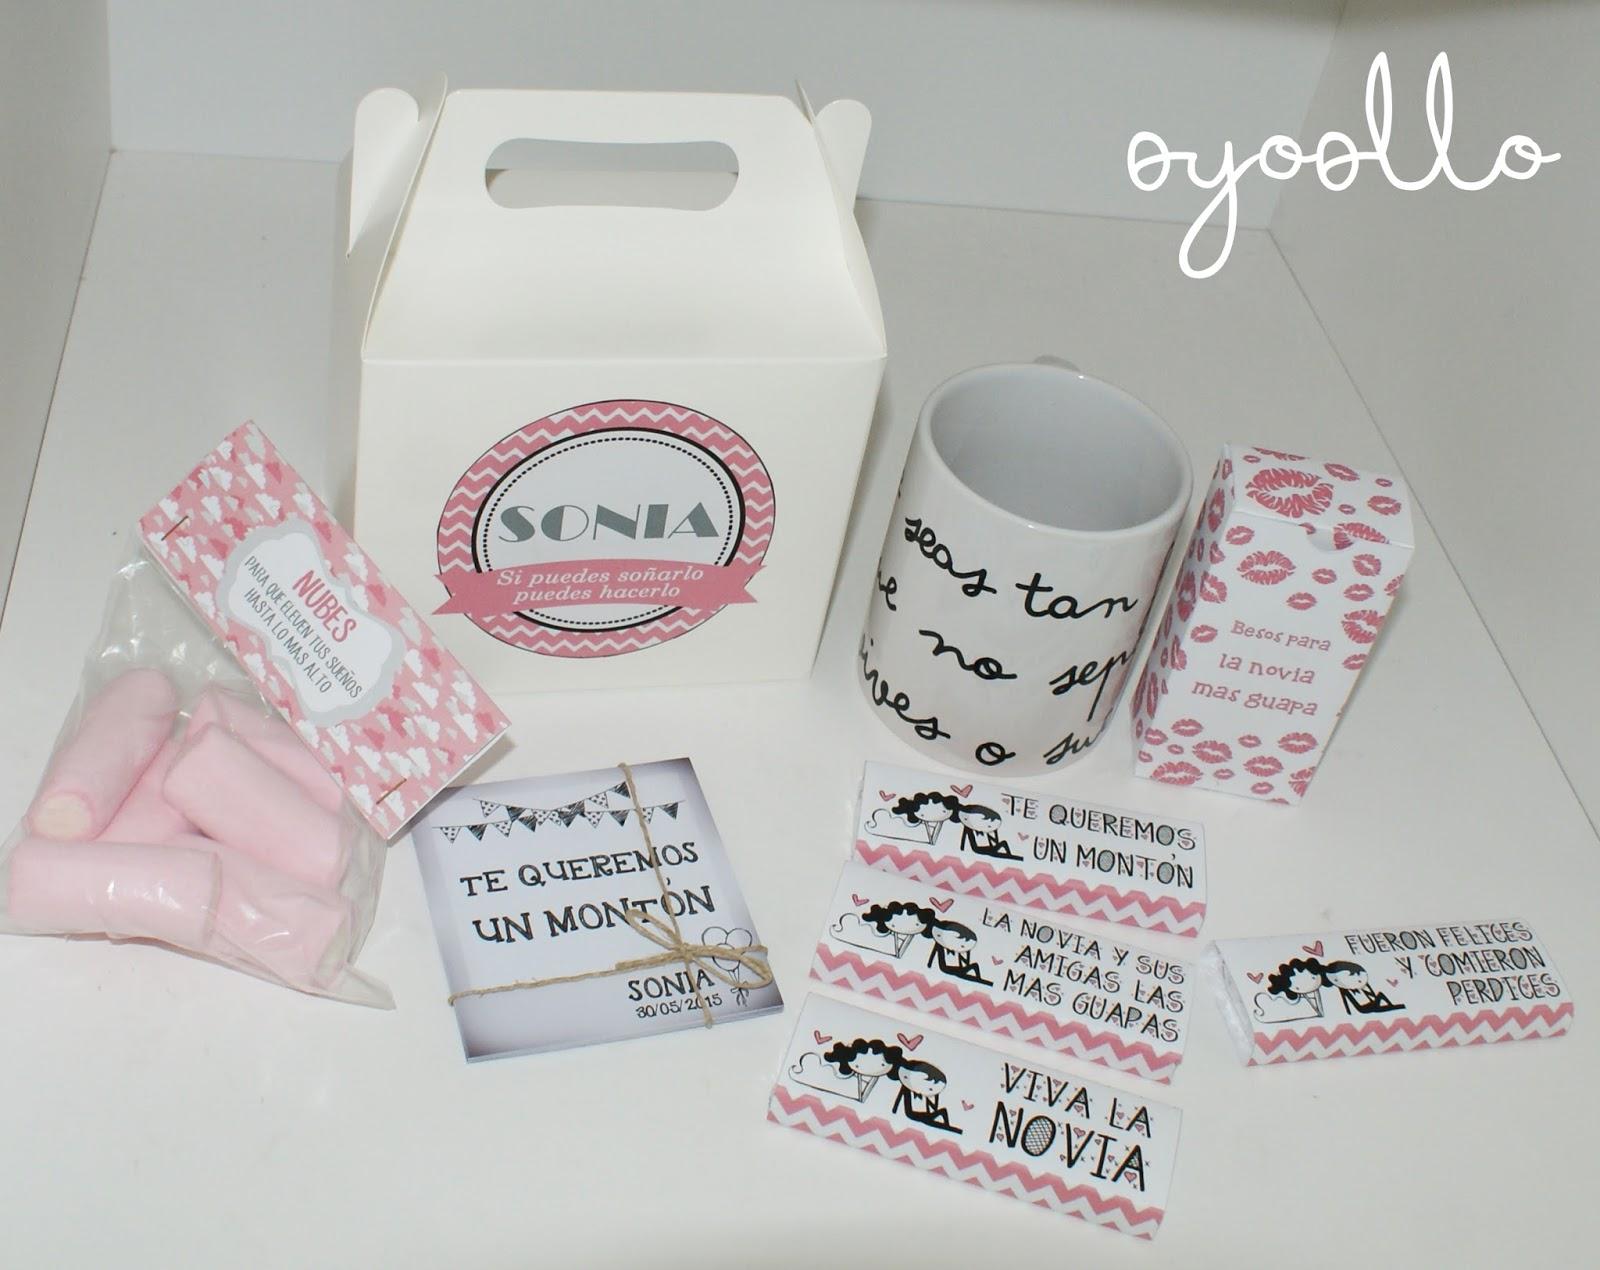 Oyoollo regalo original de boda para sonia for Regalo para amigas especiales boda